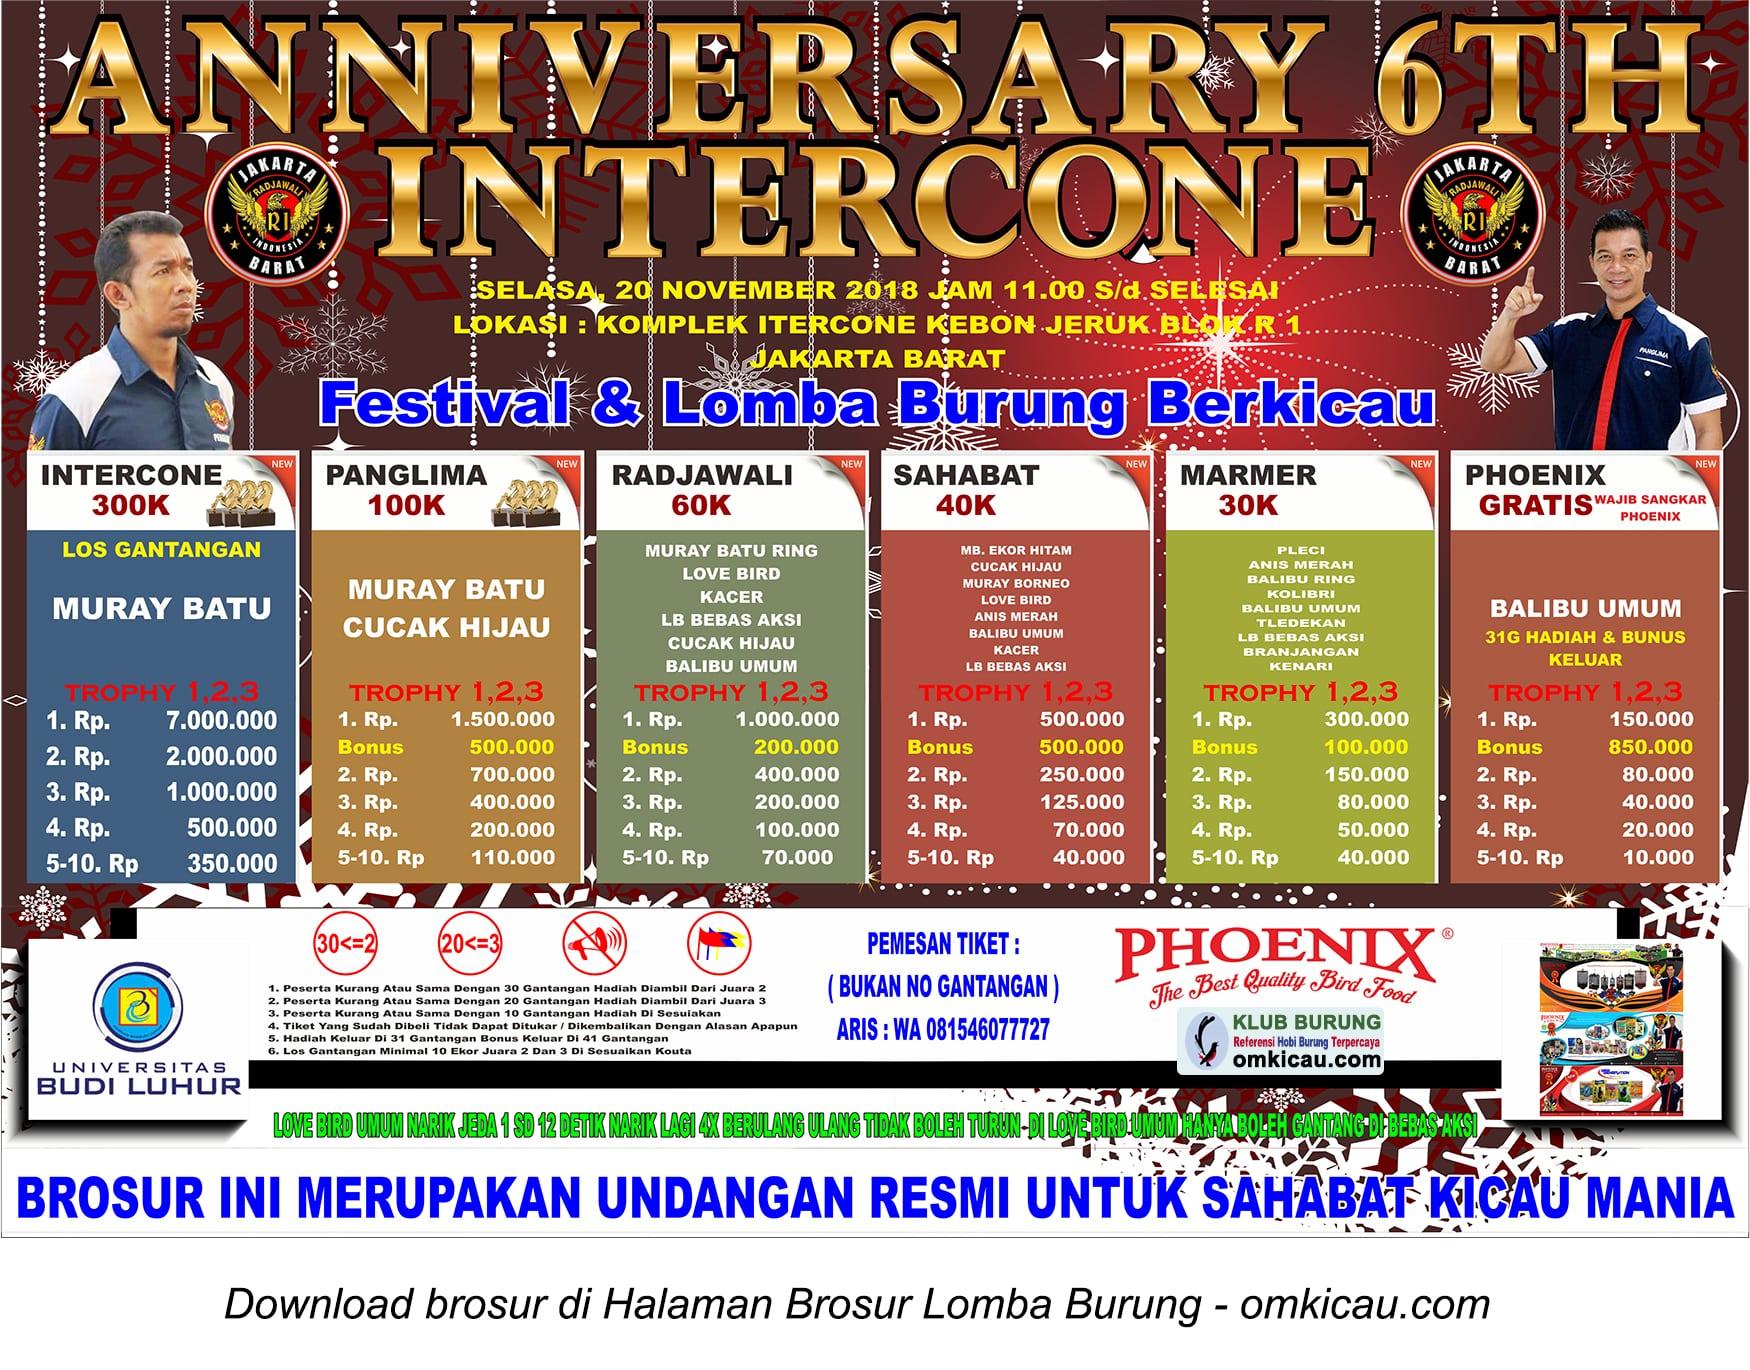 Anniversary 6 Tahun Intercone